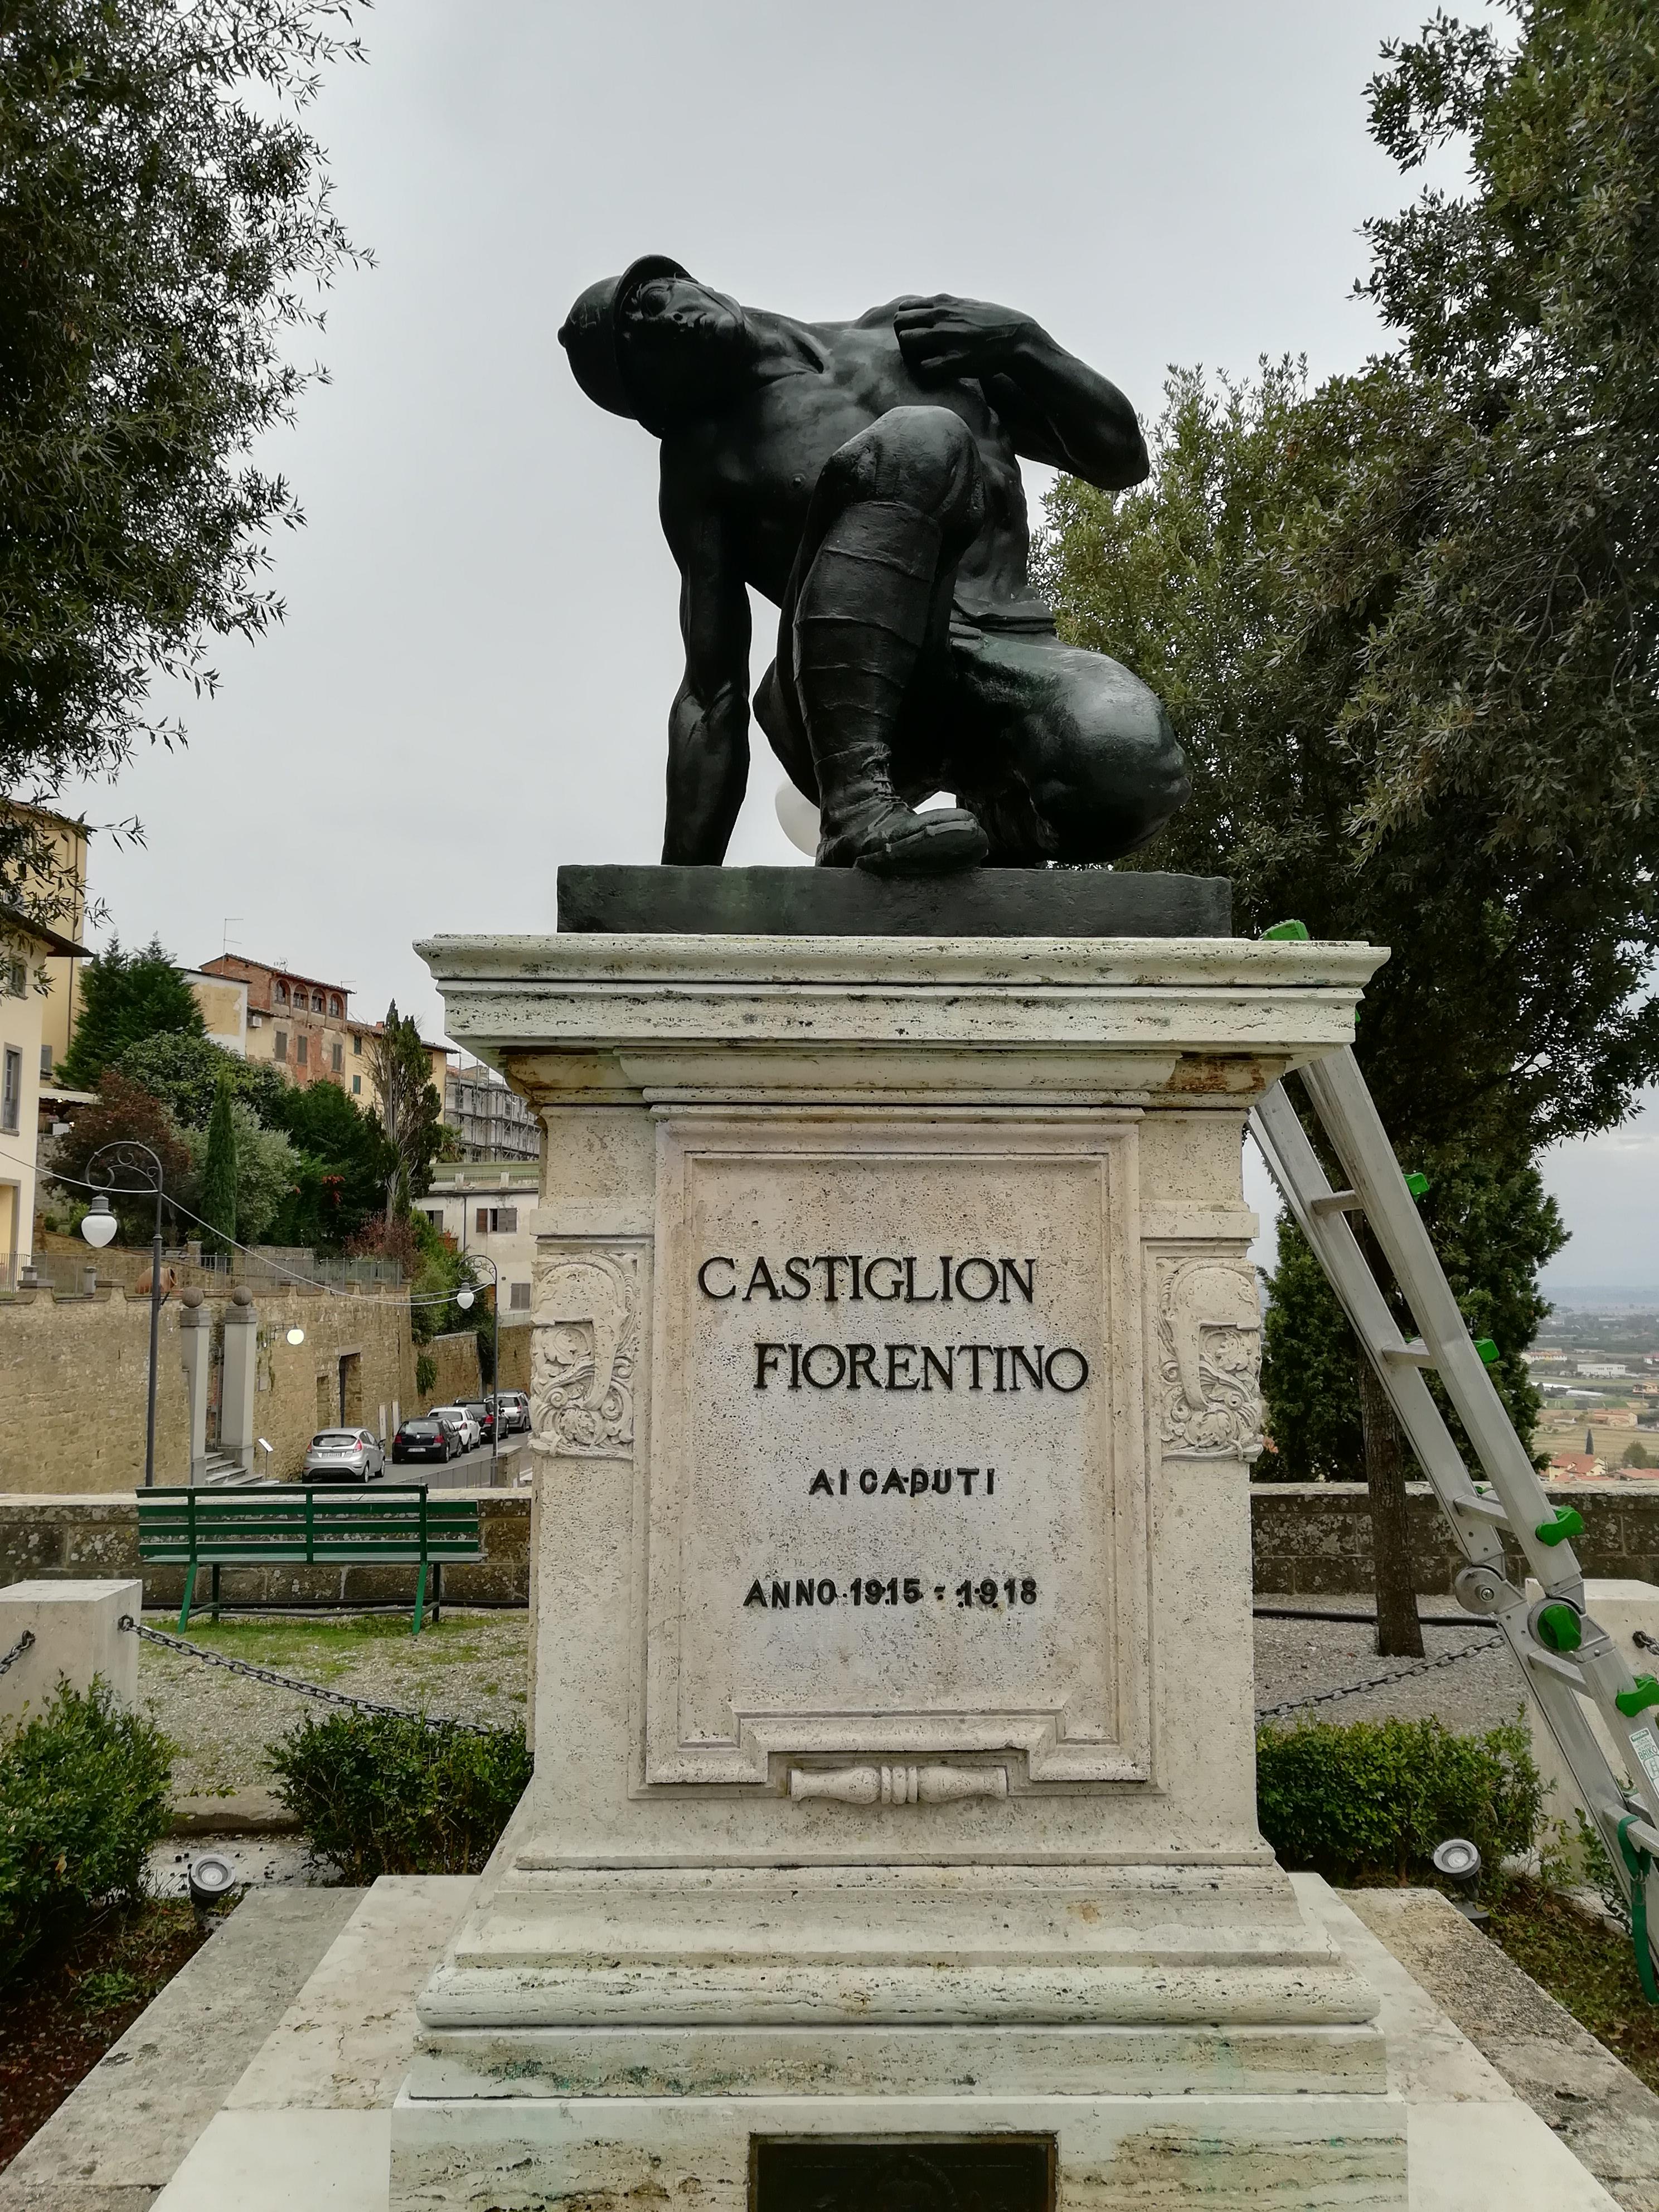 Ripulito il monumento ai Caduti dei giardini pubblici di piazza Matteotti